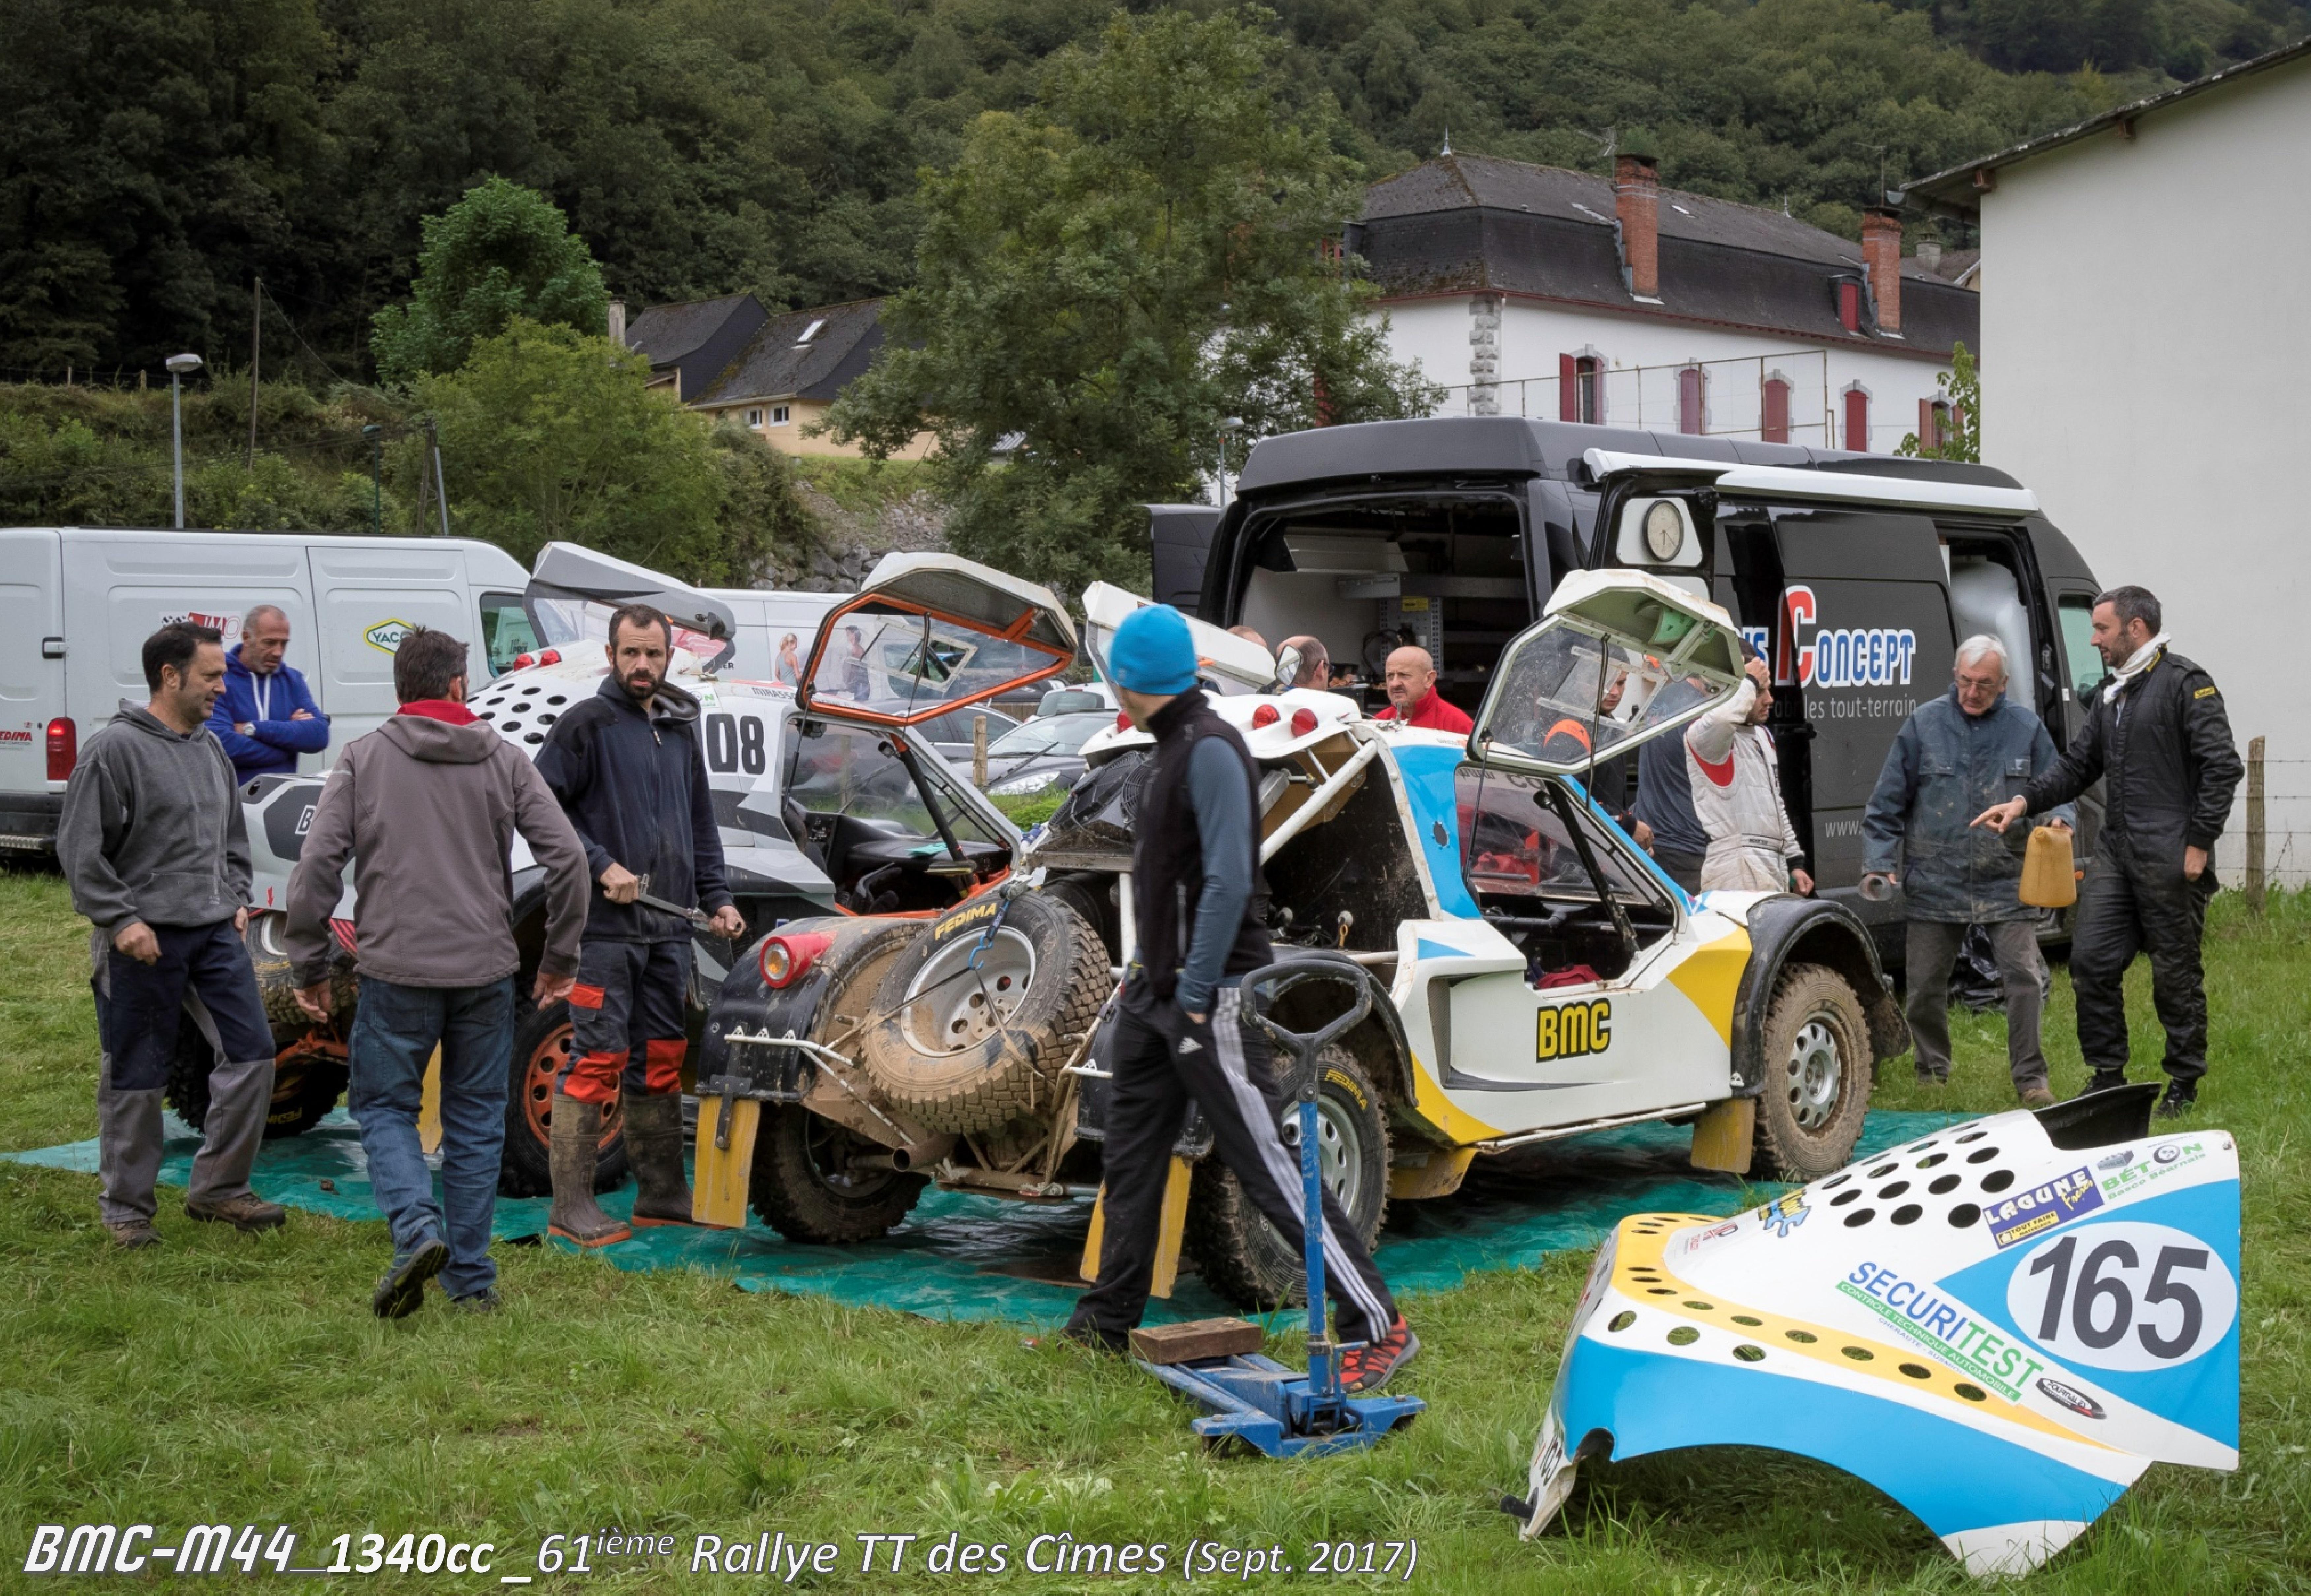 BMC-M44_Saison 2017_Assistance_ (2)